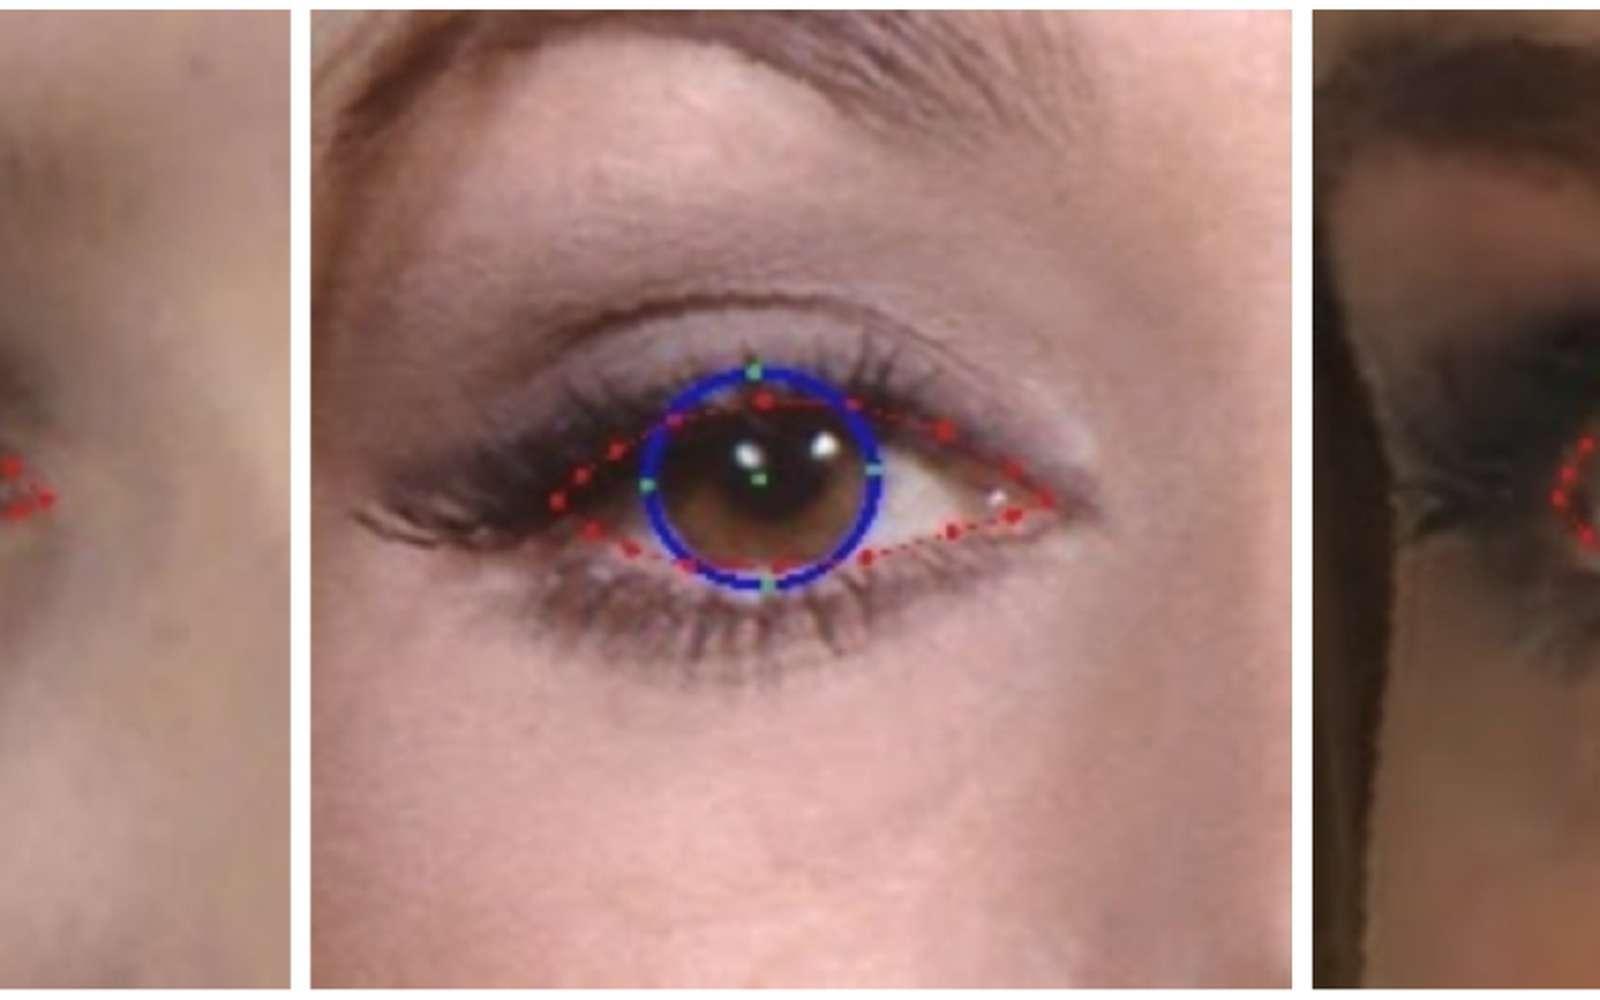 C'est en plaçant des repères sur l'iris que l'IA parvient à déterminer à la fois sa position et également l'éloignement face au capteur. © Google